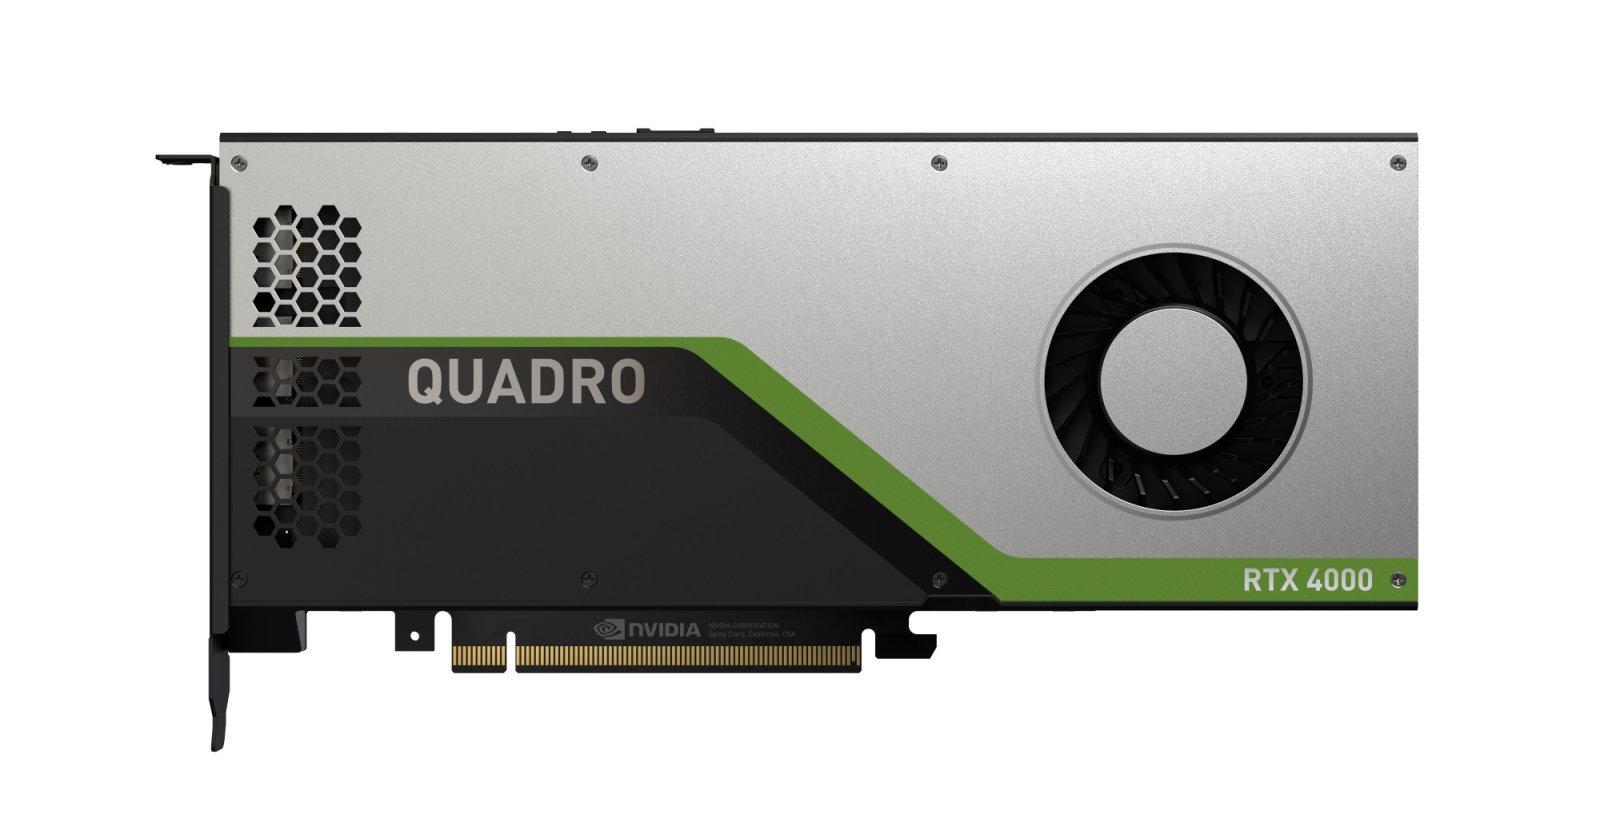 NVIDIA ra mắt Quadro RTX 4000, dòng GPU chủ đạo dành cho máy trạm